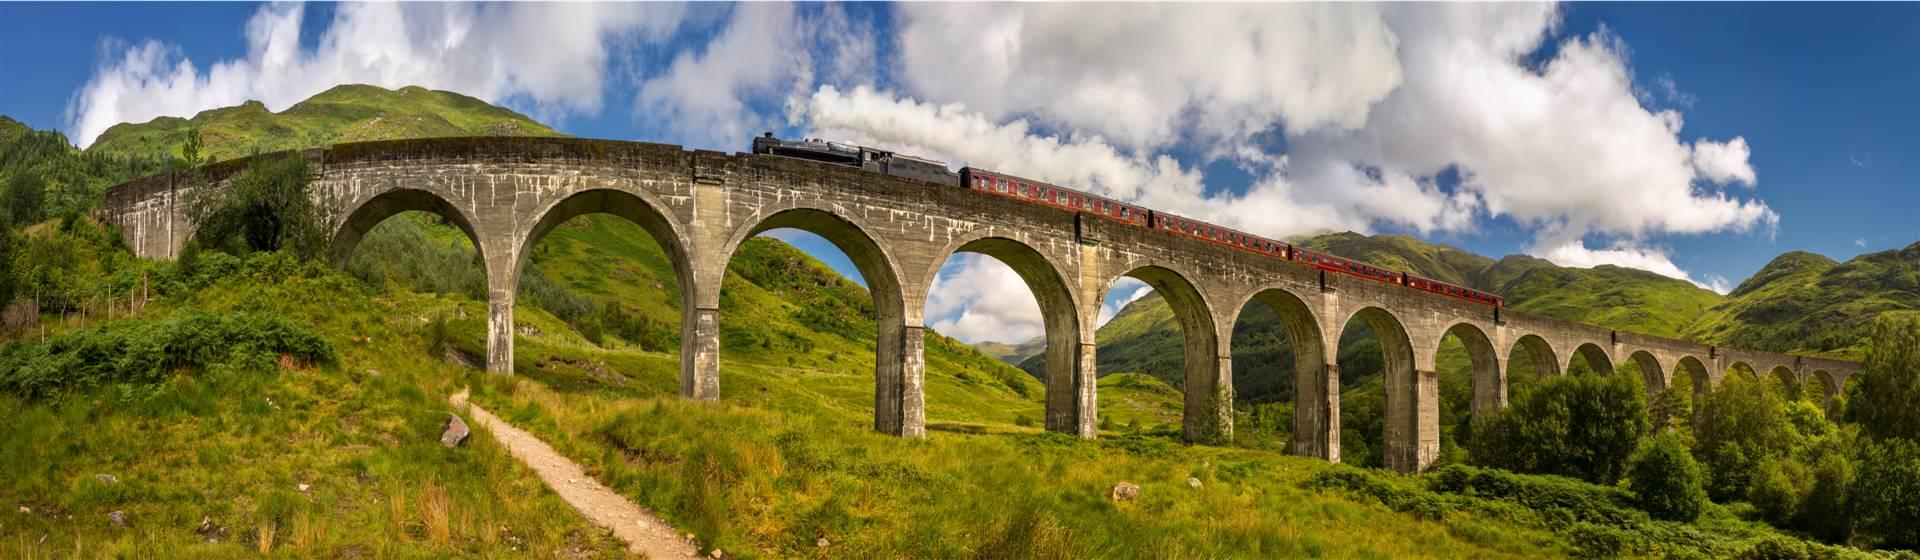 """<img src=""""gtlej2021-shutterstock_1275073462(2).jpeg"""" alt=""""Glenfinnan Viaduct""""/>"""